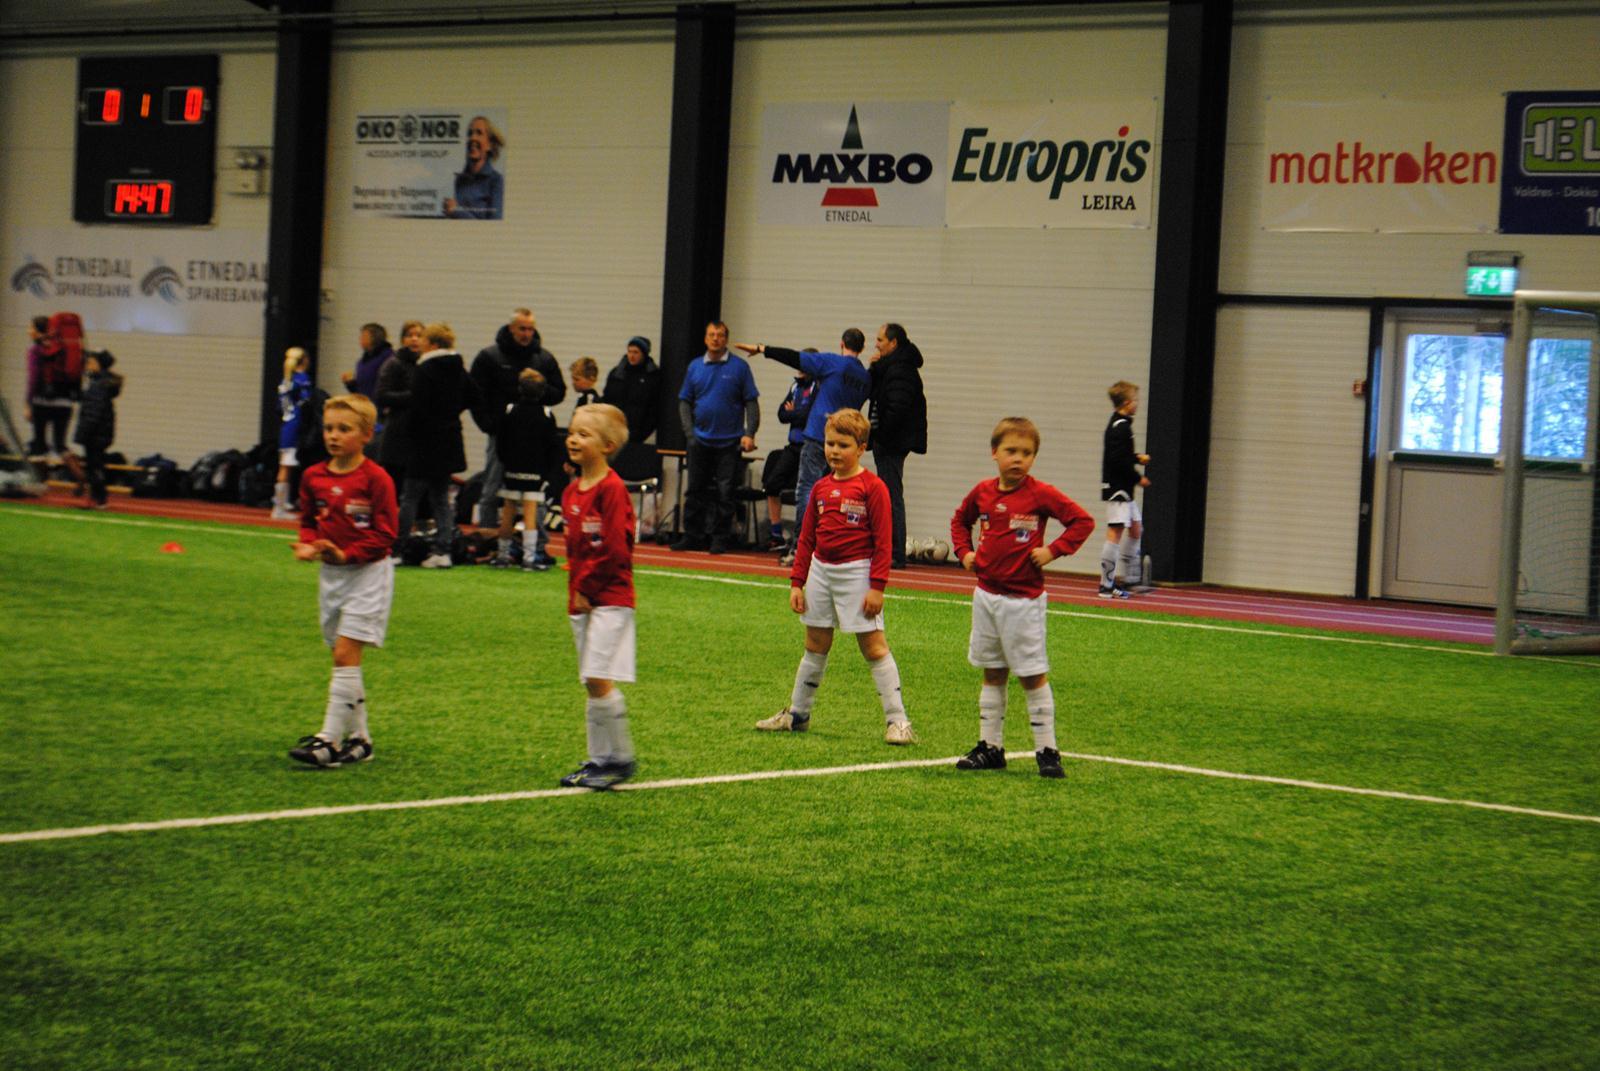 Eirik fotballcup 190212 061